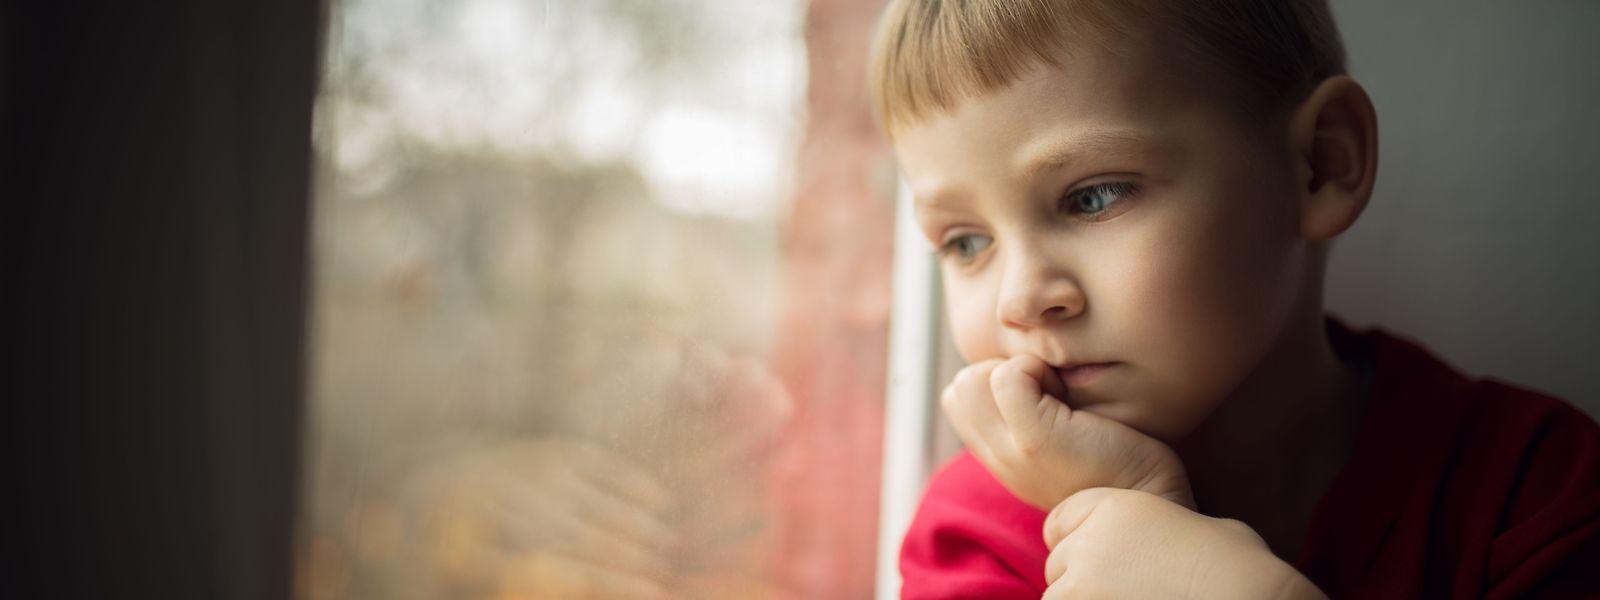 Kinder, die in Armut leben, geben nicht selten sich die Schuld an der Lage.